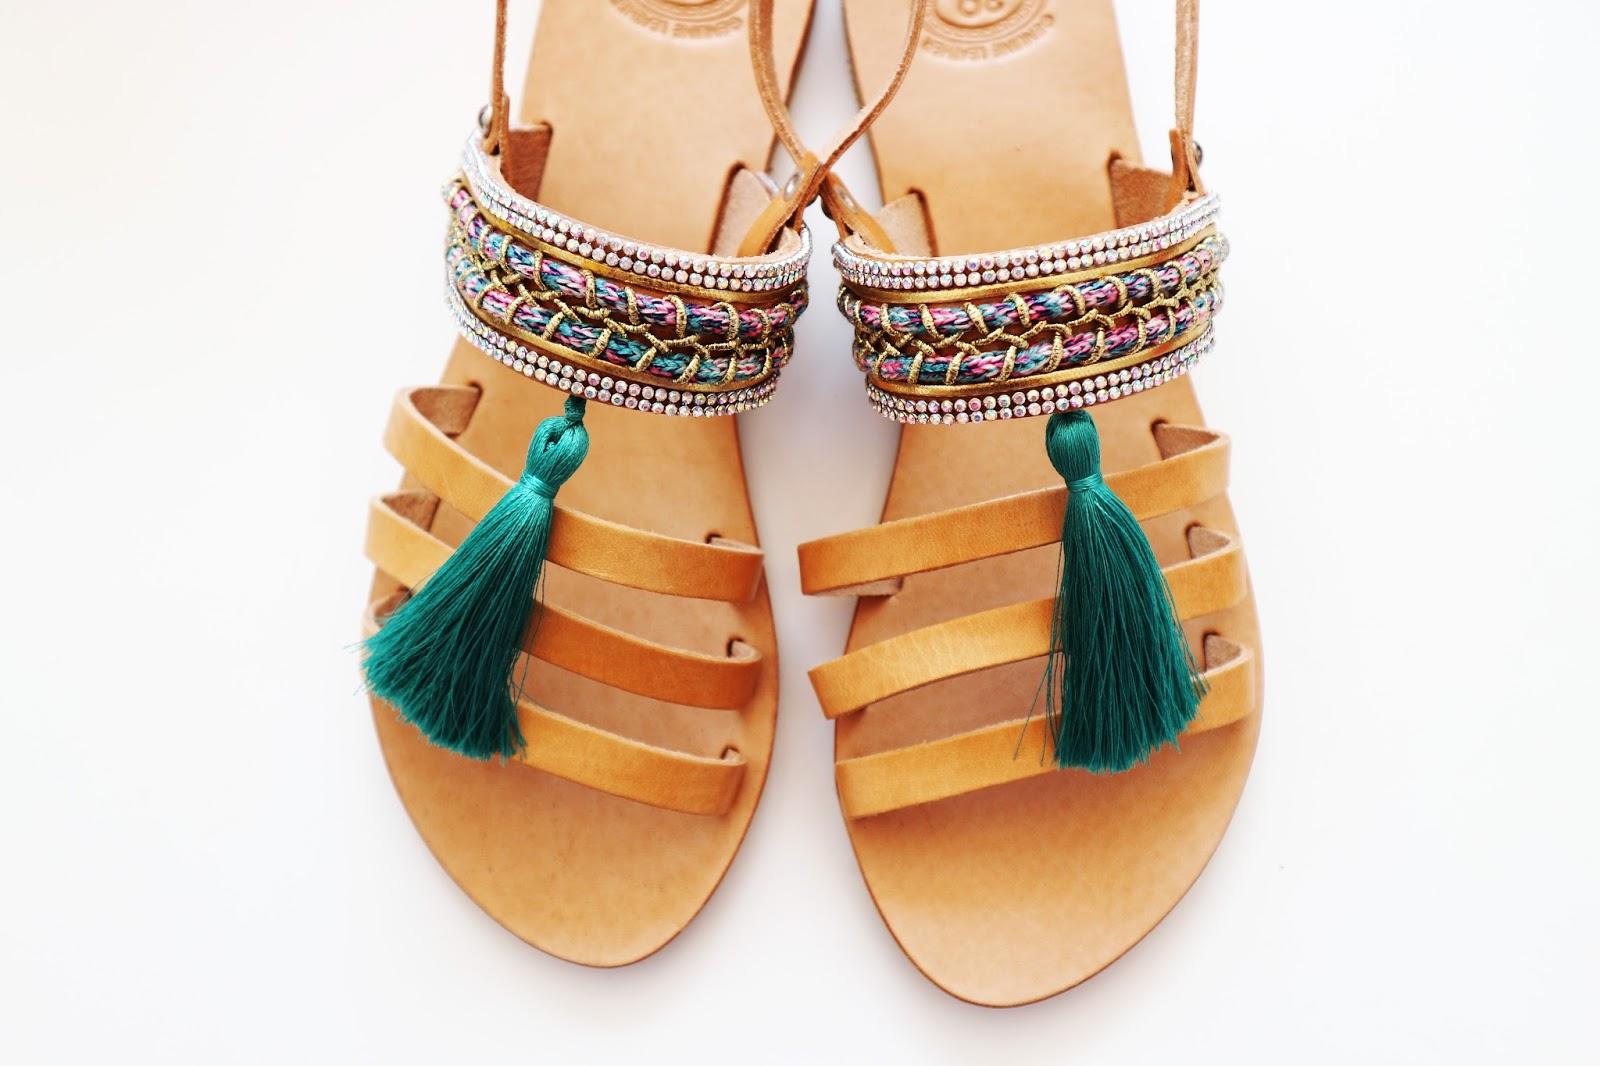 d3362762e2a elenas sandals: Σανδάλια 2017